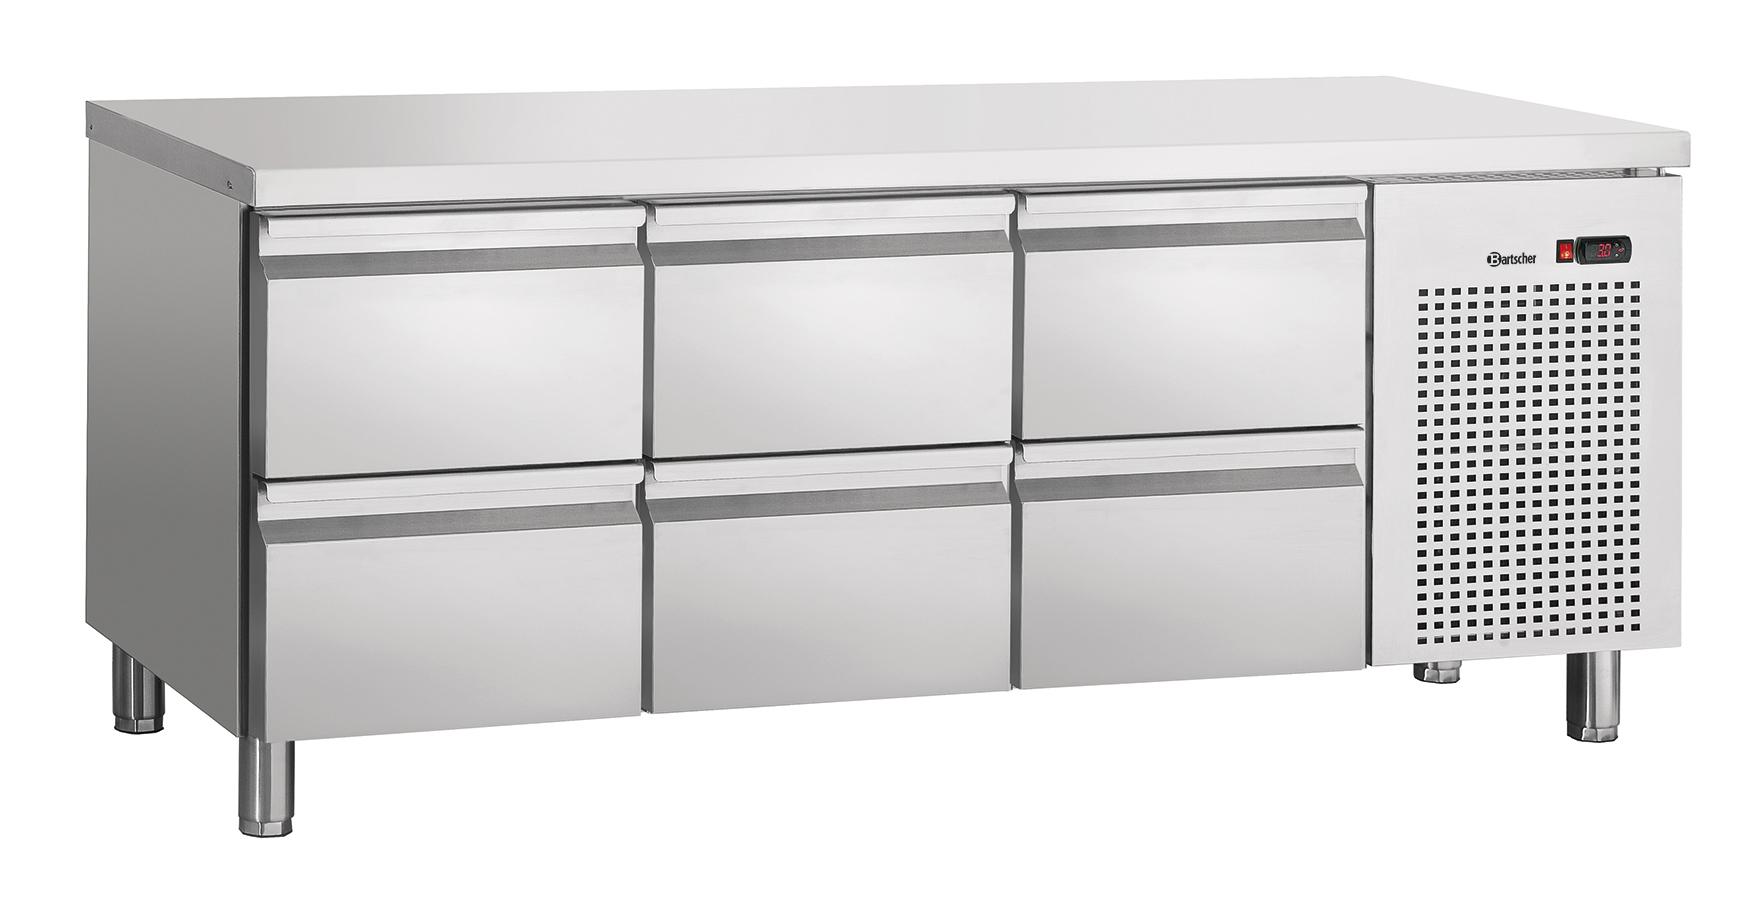 Bartscher Koeltafel S6-150 - 6 Lades - 179 x 70 x 85 cm - RVS